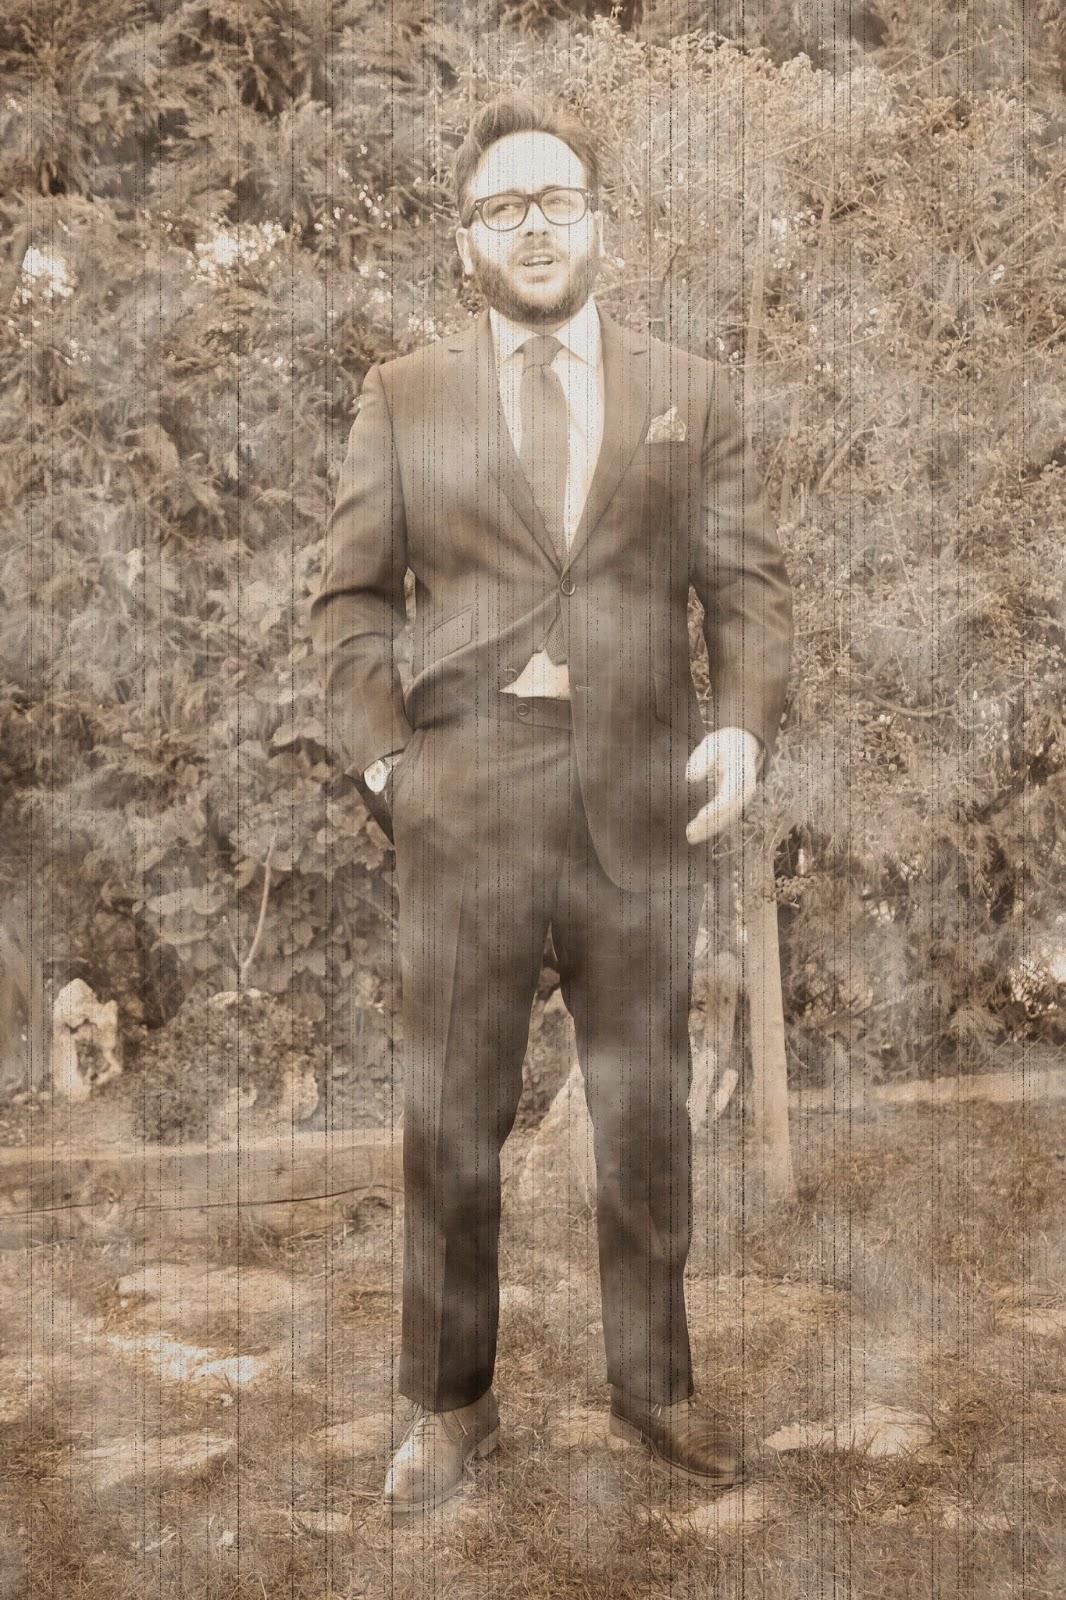 Tom Black, TomBlackStyler, Mipadreinventoelvintage, sastrería, made to measure, Sin Abrochar, Rayas y Cuadros,